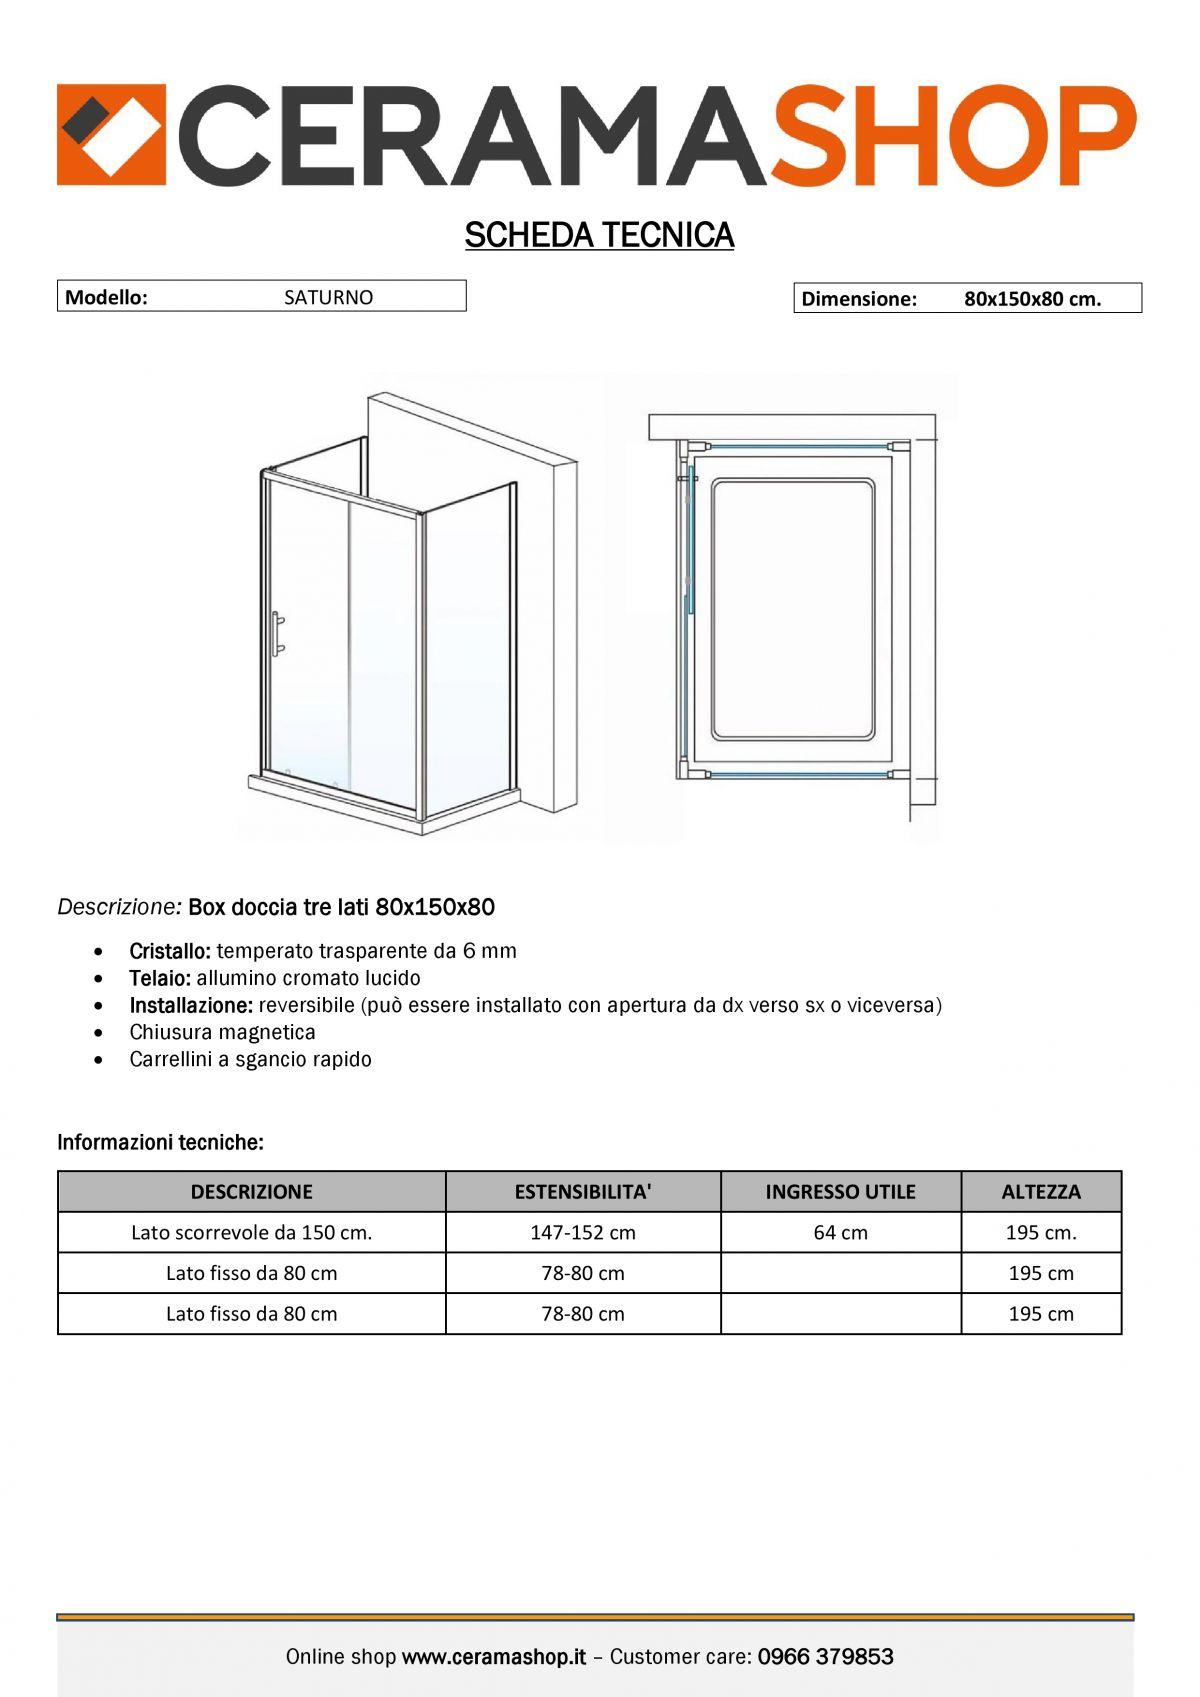 """80x150x80 0000012 scaled Box Cabina doccia tre lati """"Saturno"""" 80x150x80 cm scorrevole cristallo trasparente 6 mm"""